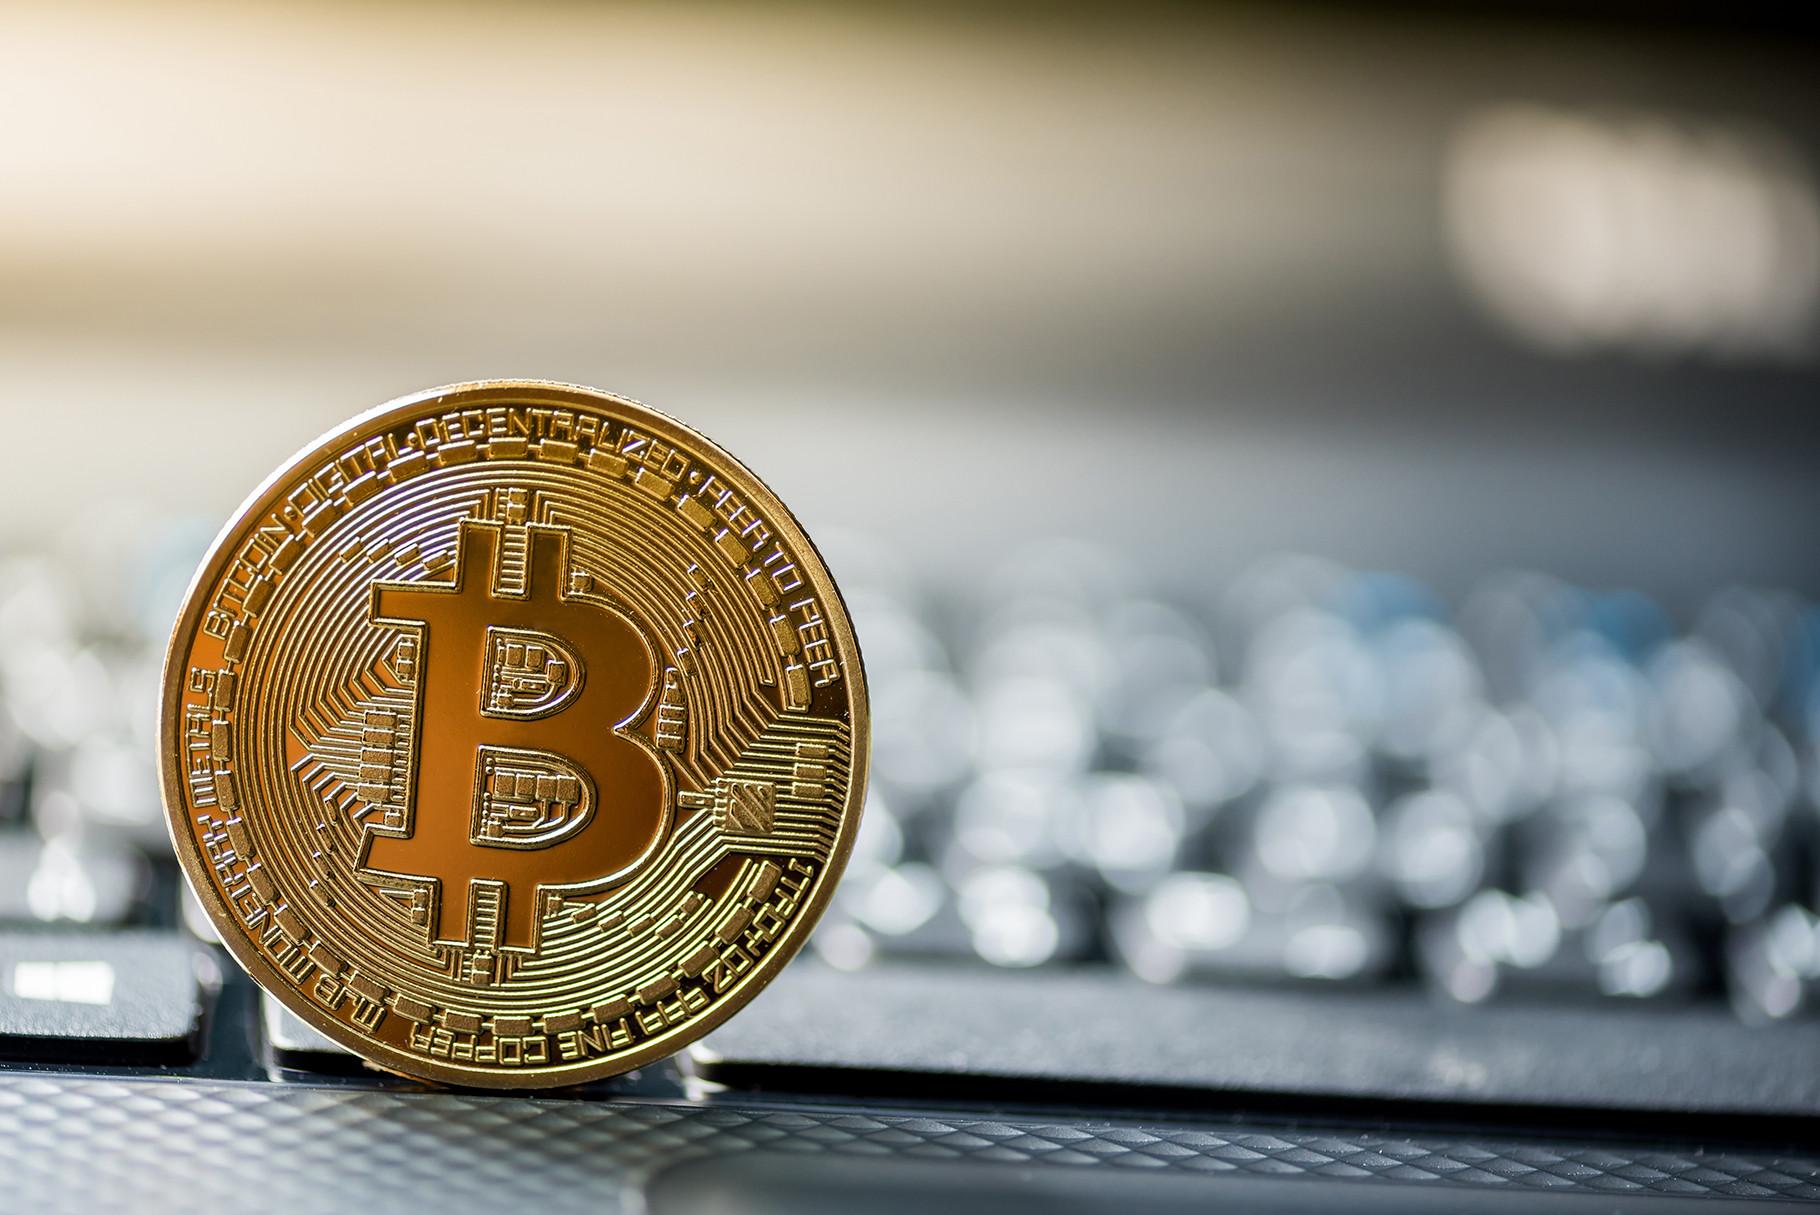 Bitcoin fiyatı yeniden 40 bin doların altına geriledi